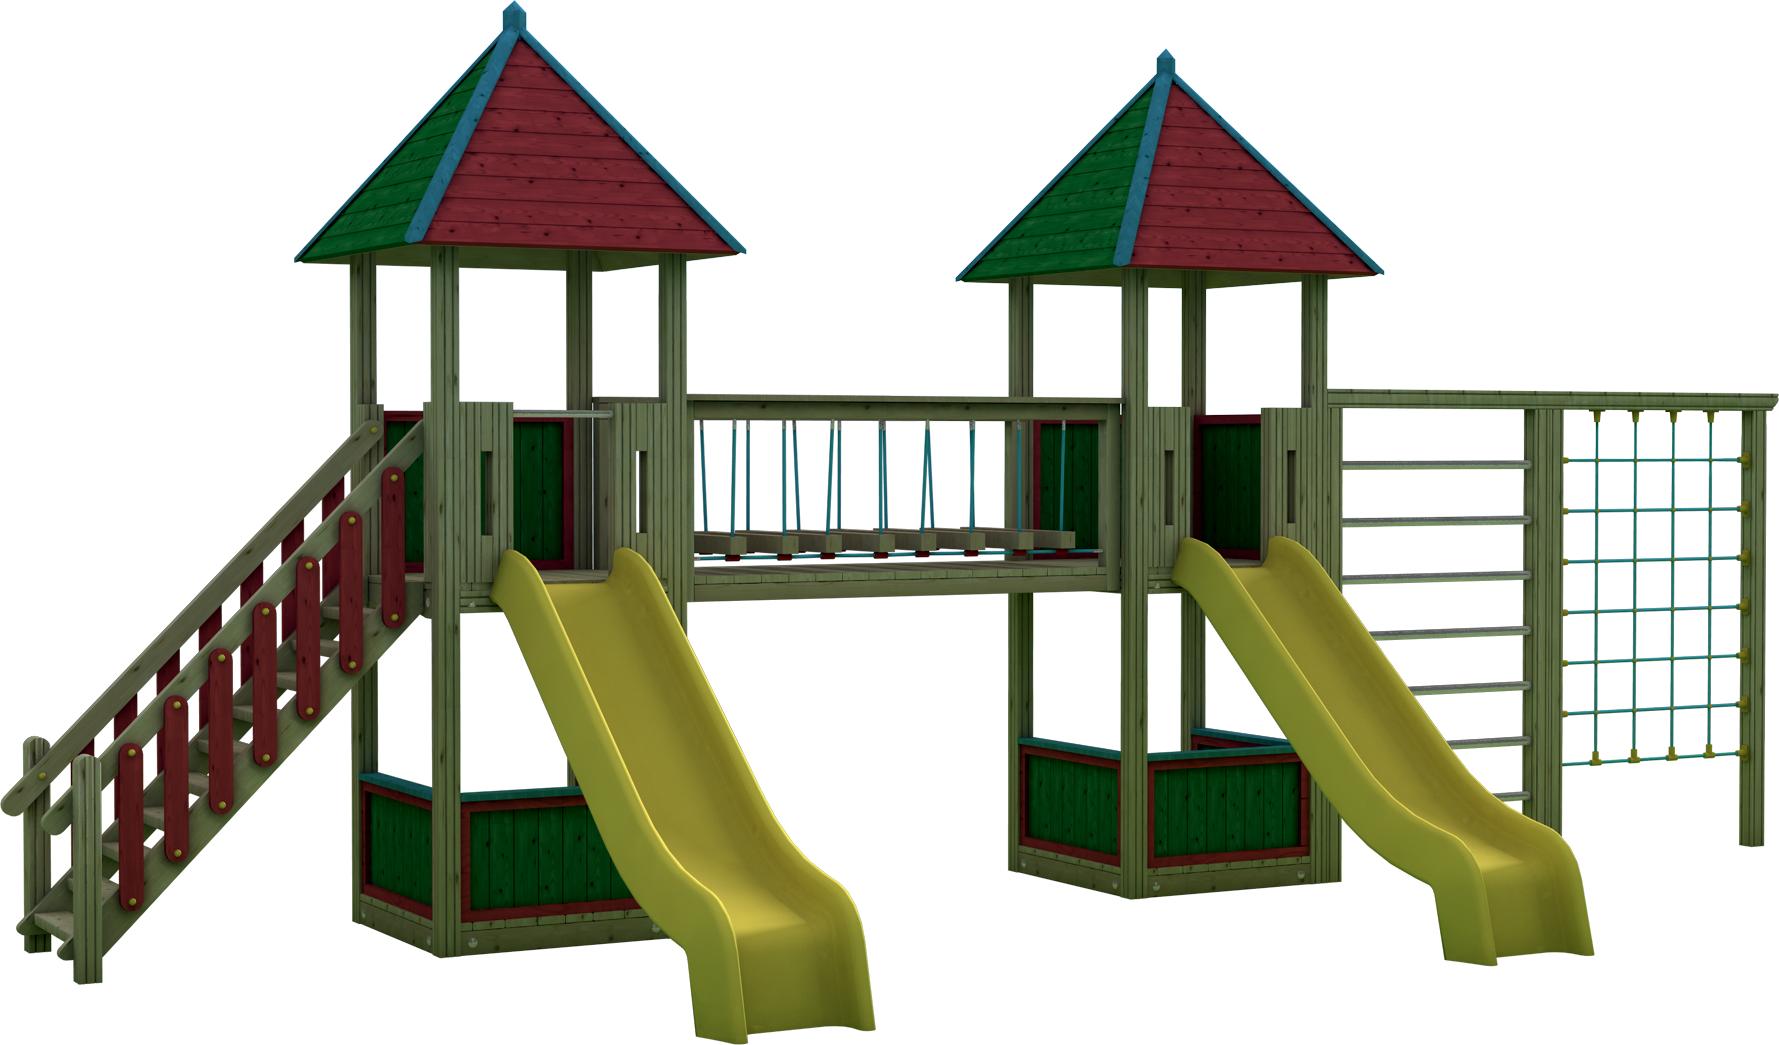 Doppia Torre gioco con ponte mobile in legno di pino nordico impregnato in autoclave realizzata da Linea Montanalegno - ILT